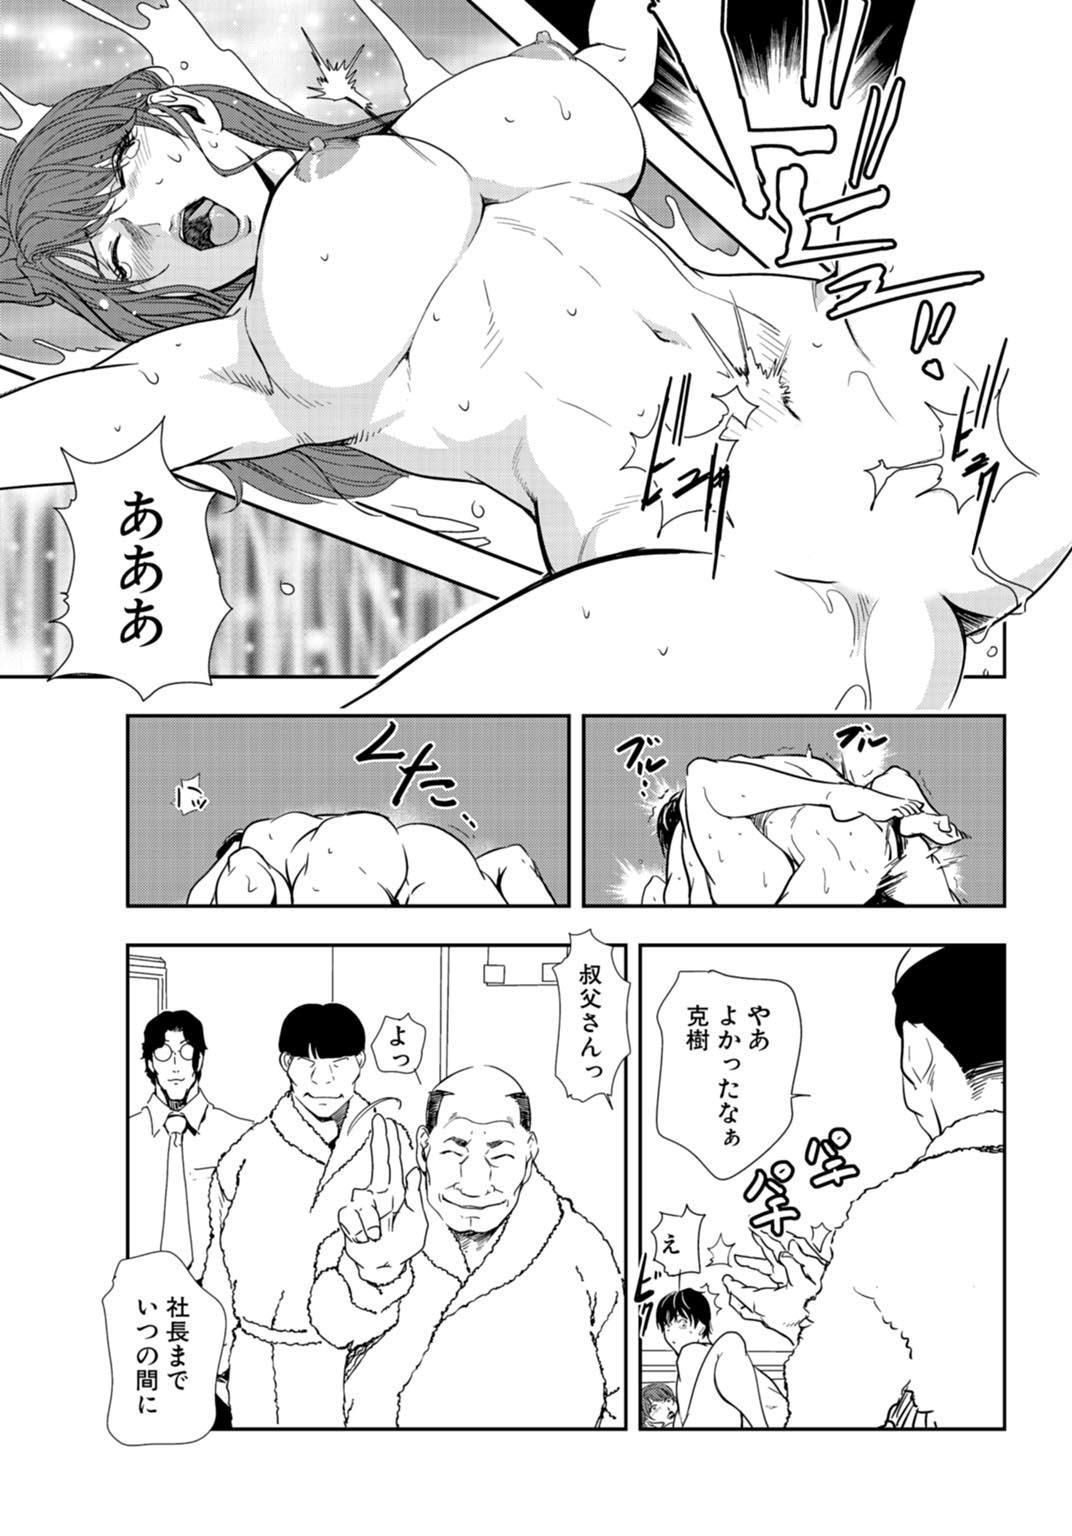 Nikuhisyo Yukiko 25 47